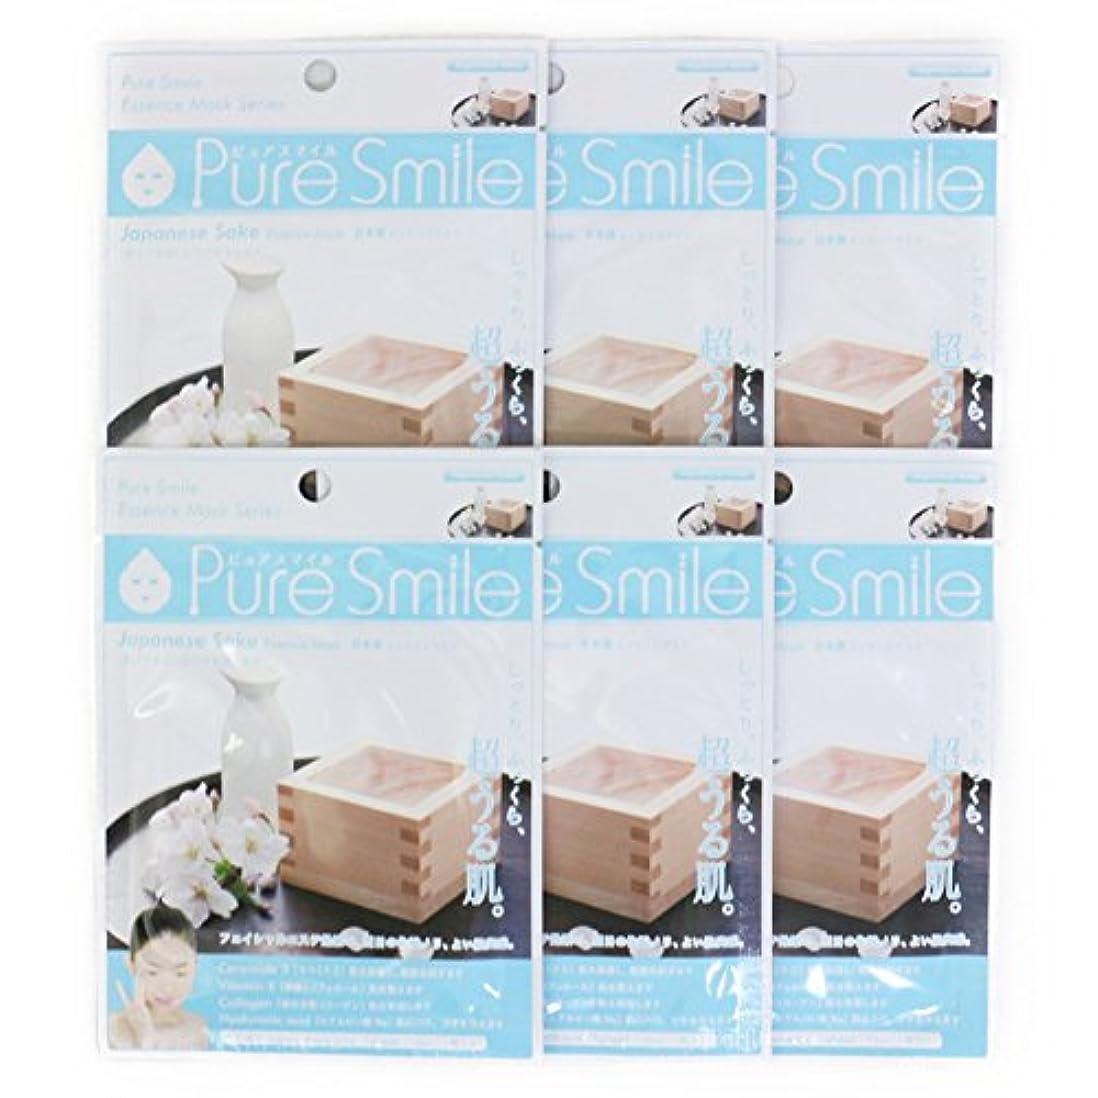 情熱的永遠に対角線Pure Smile ピュアスマイル エッセンスマスク 日本酒 6枚セット